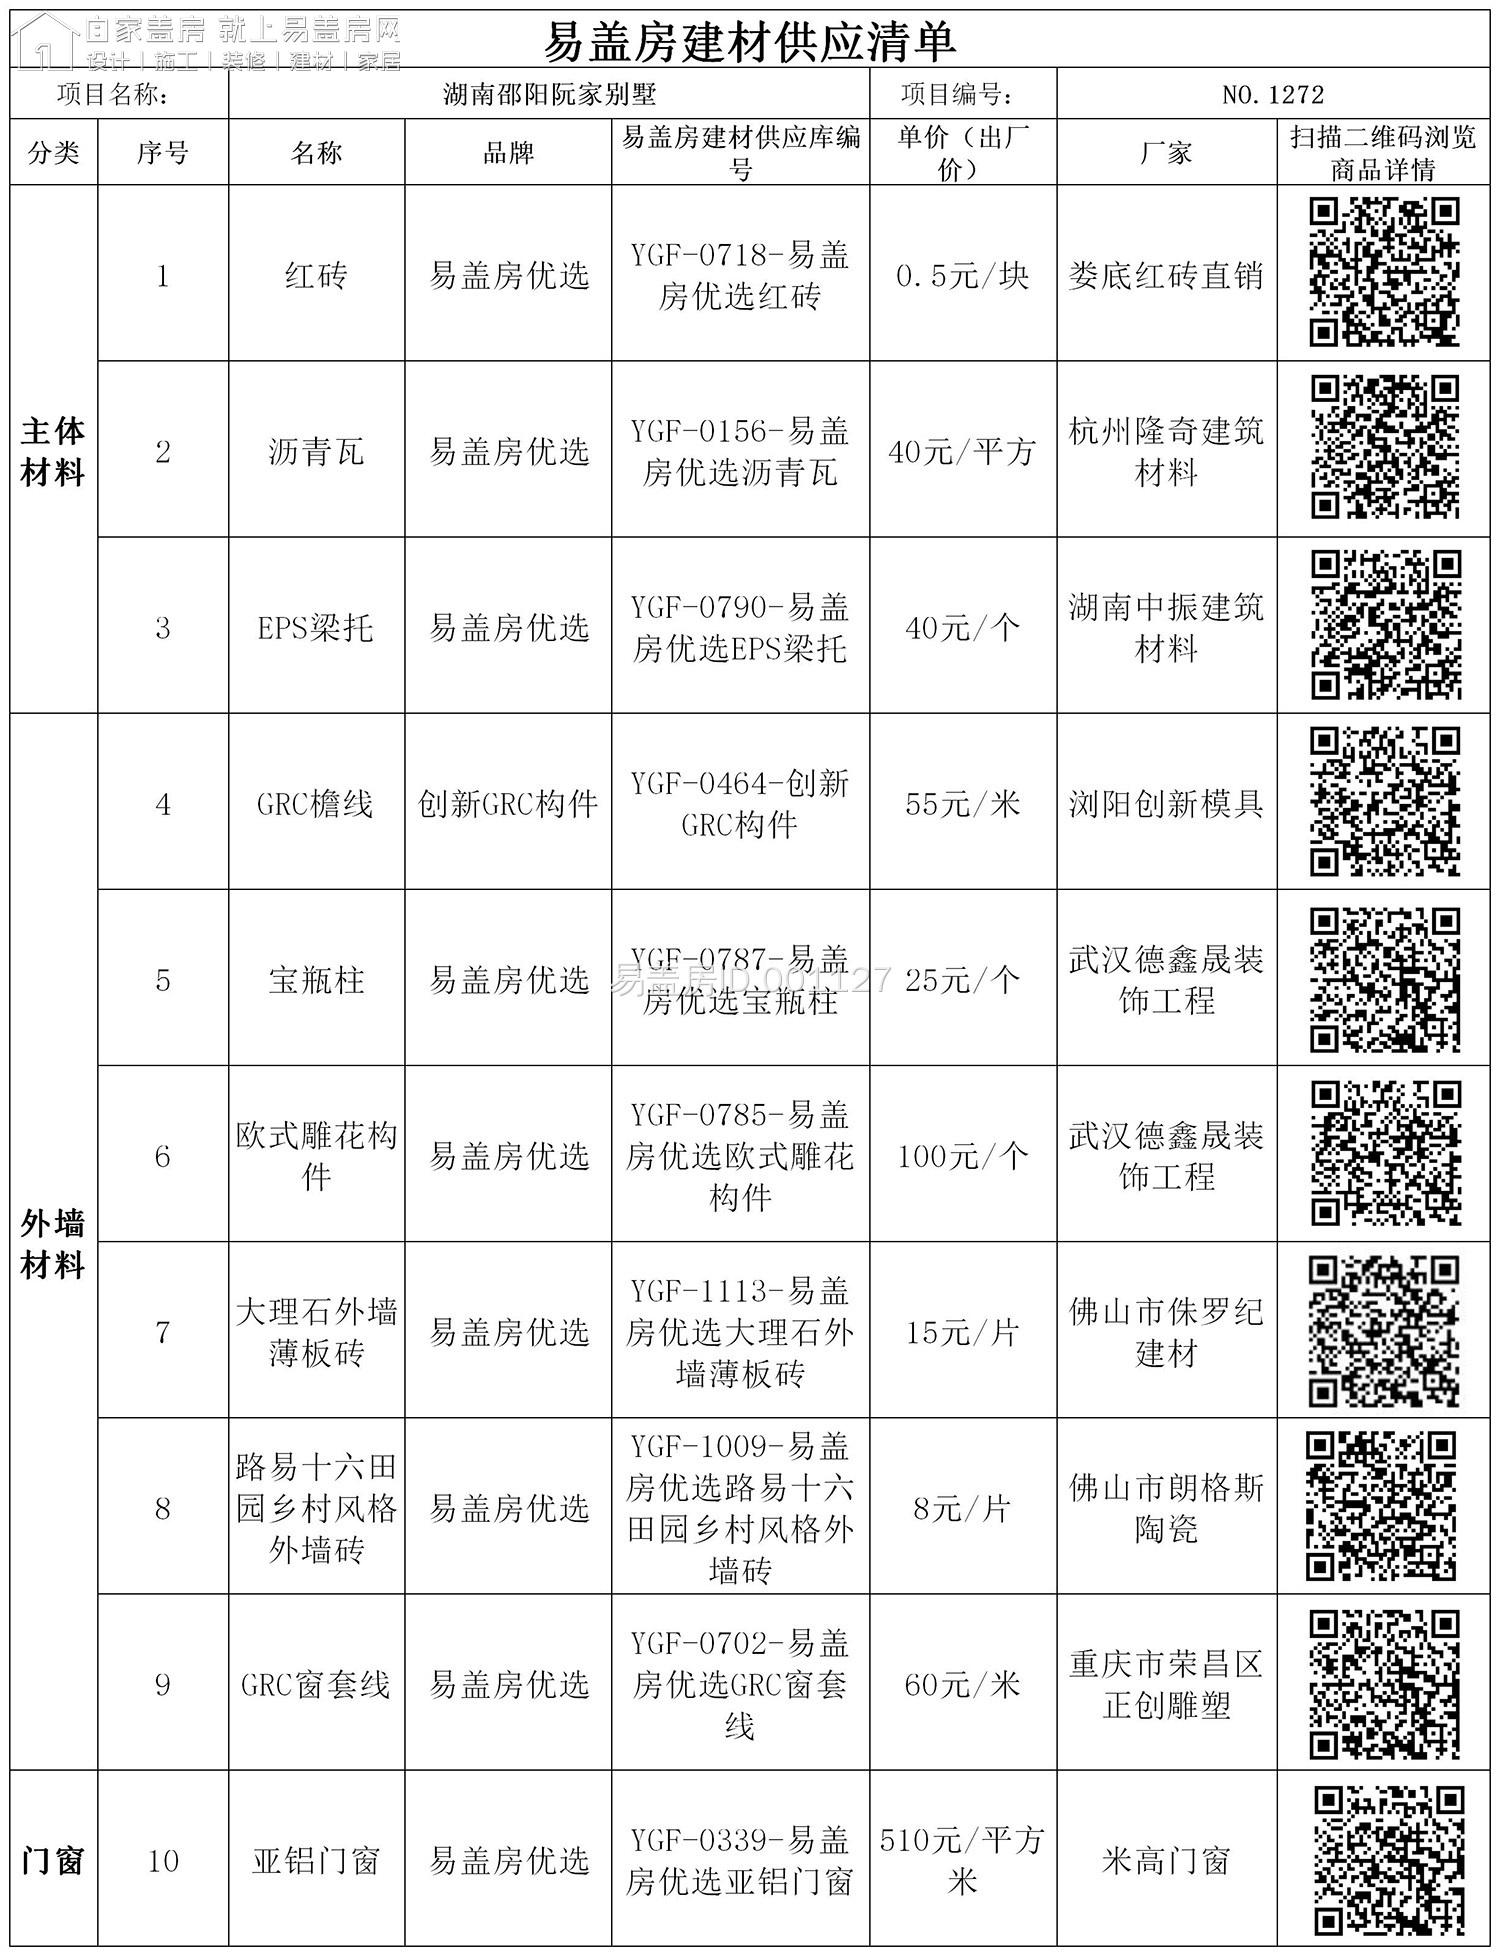 邵阳阮大明建材供应清单.jpg